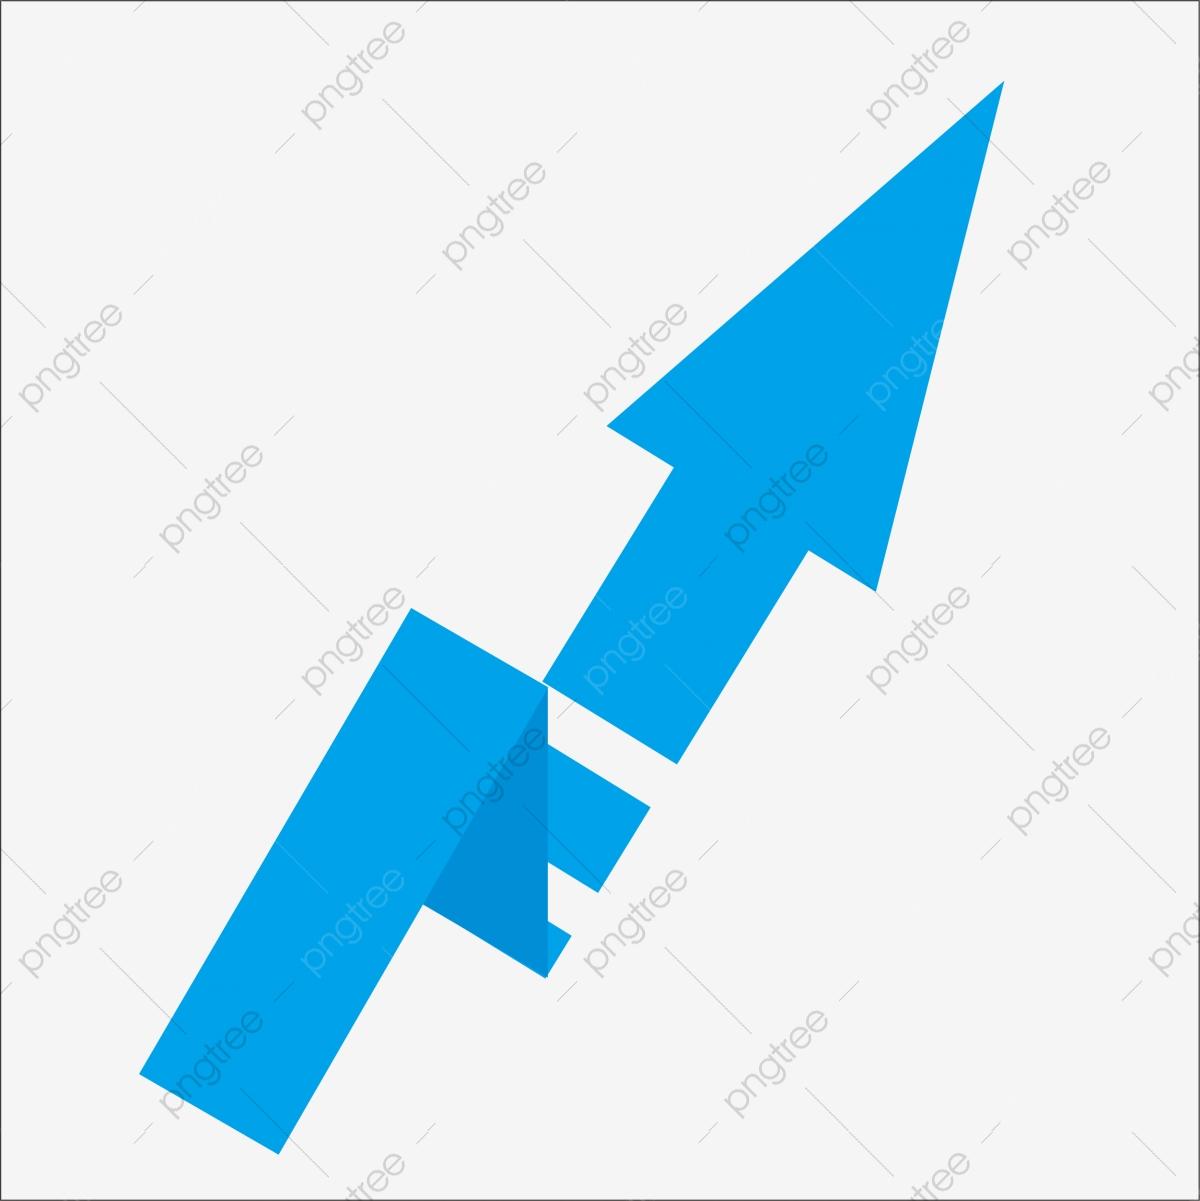 Blue arrow png transparent. Arrows clipart creative